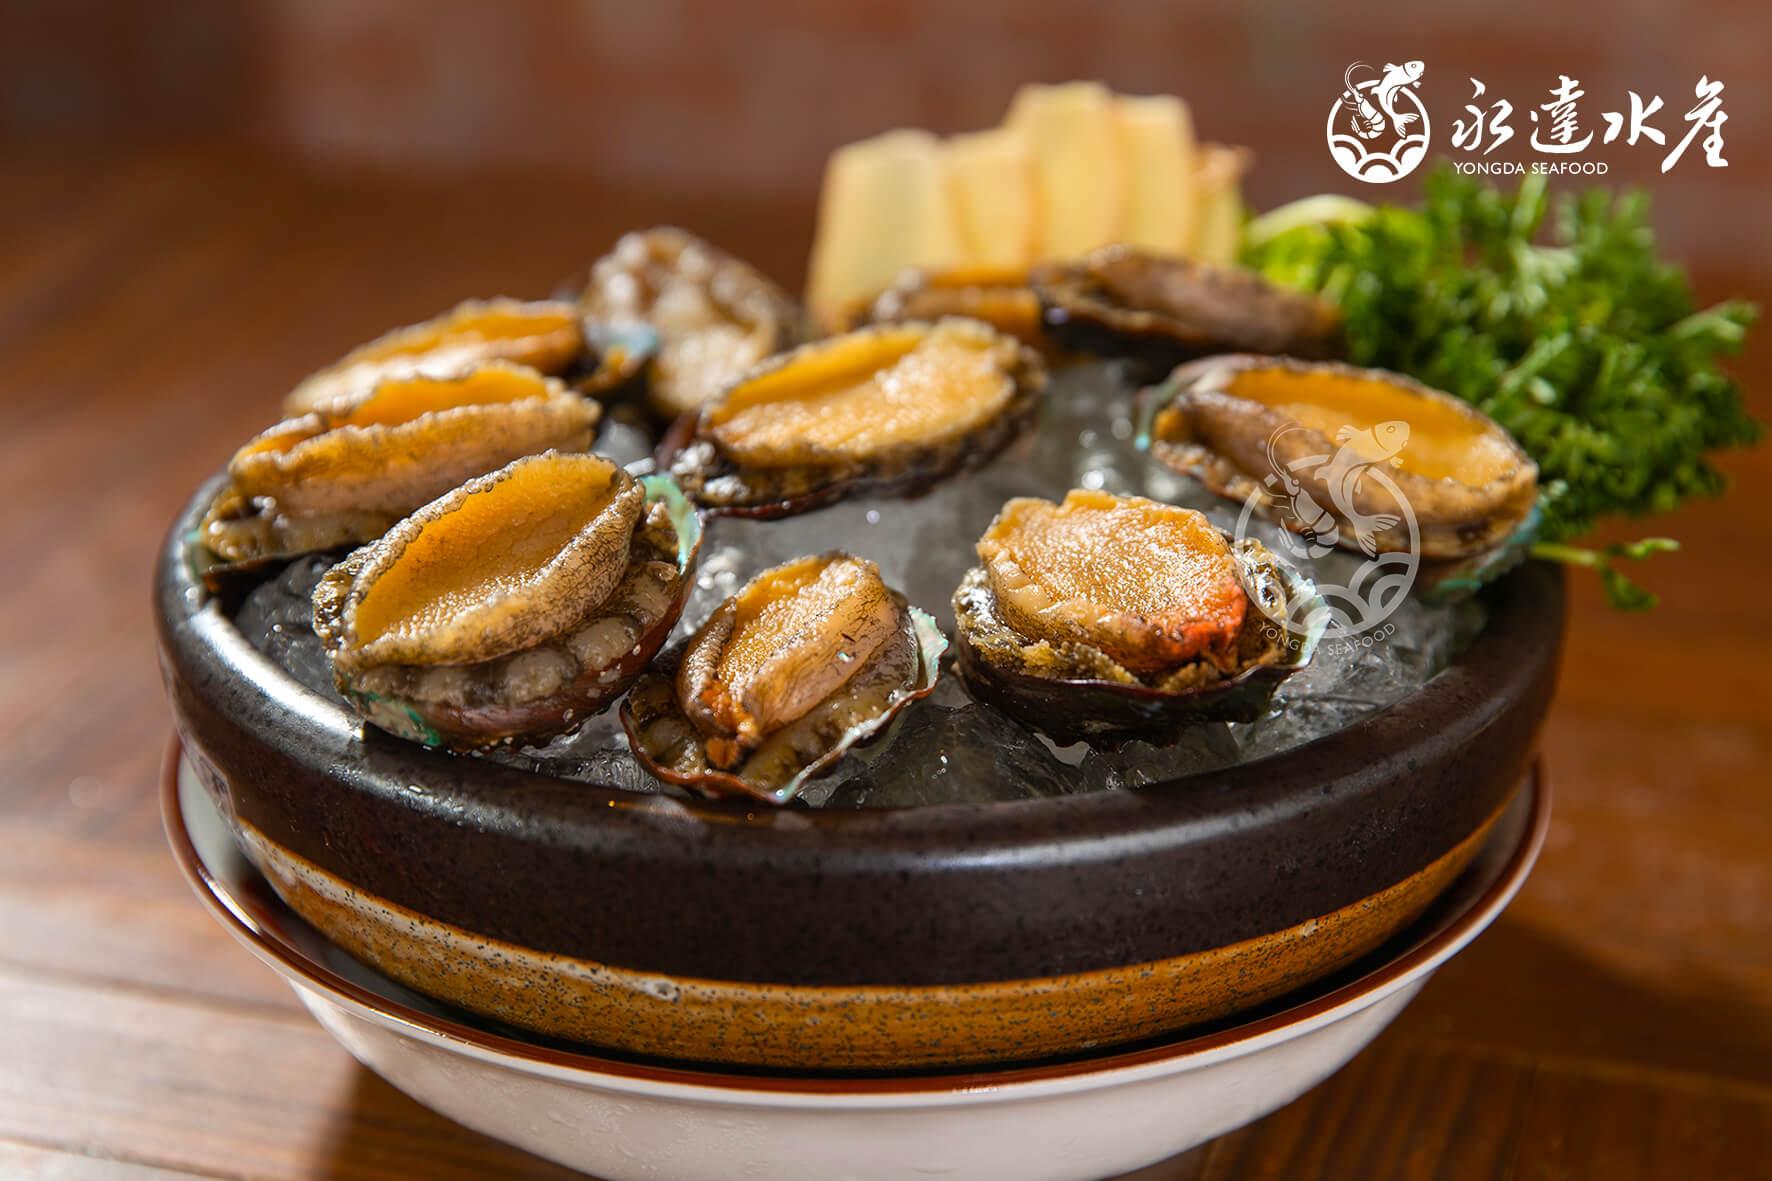 水產|海鮮|御品鮑魚|鮑魚|海螺|鏡面魚|九孔螺|明目魚|螺肉|螺